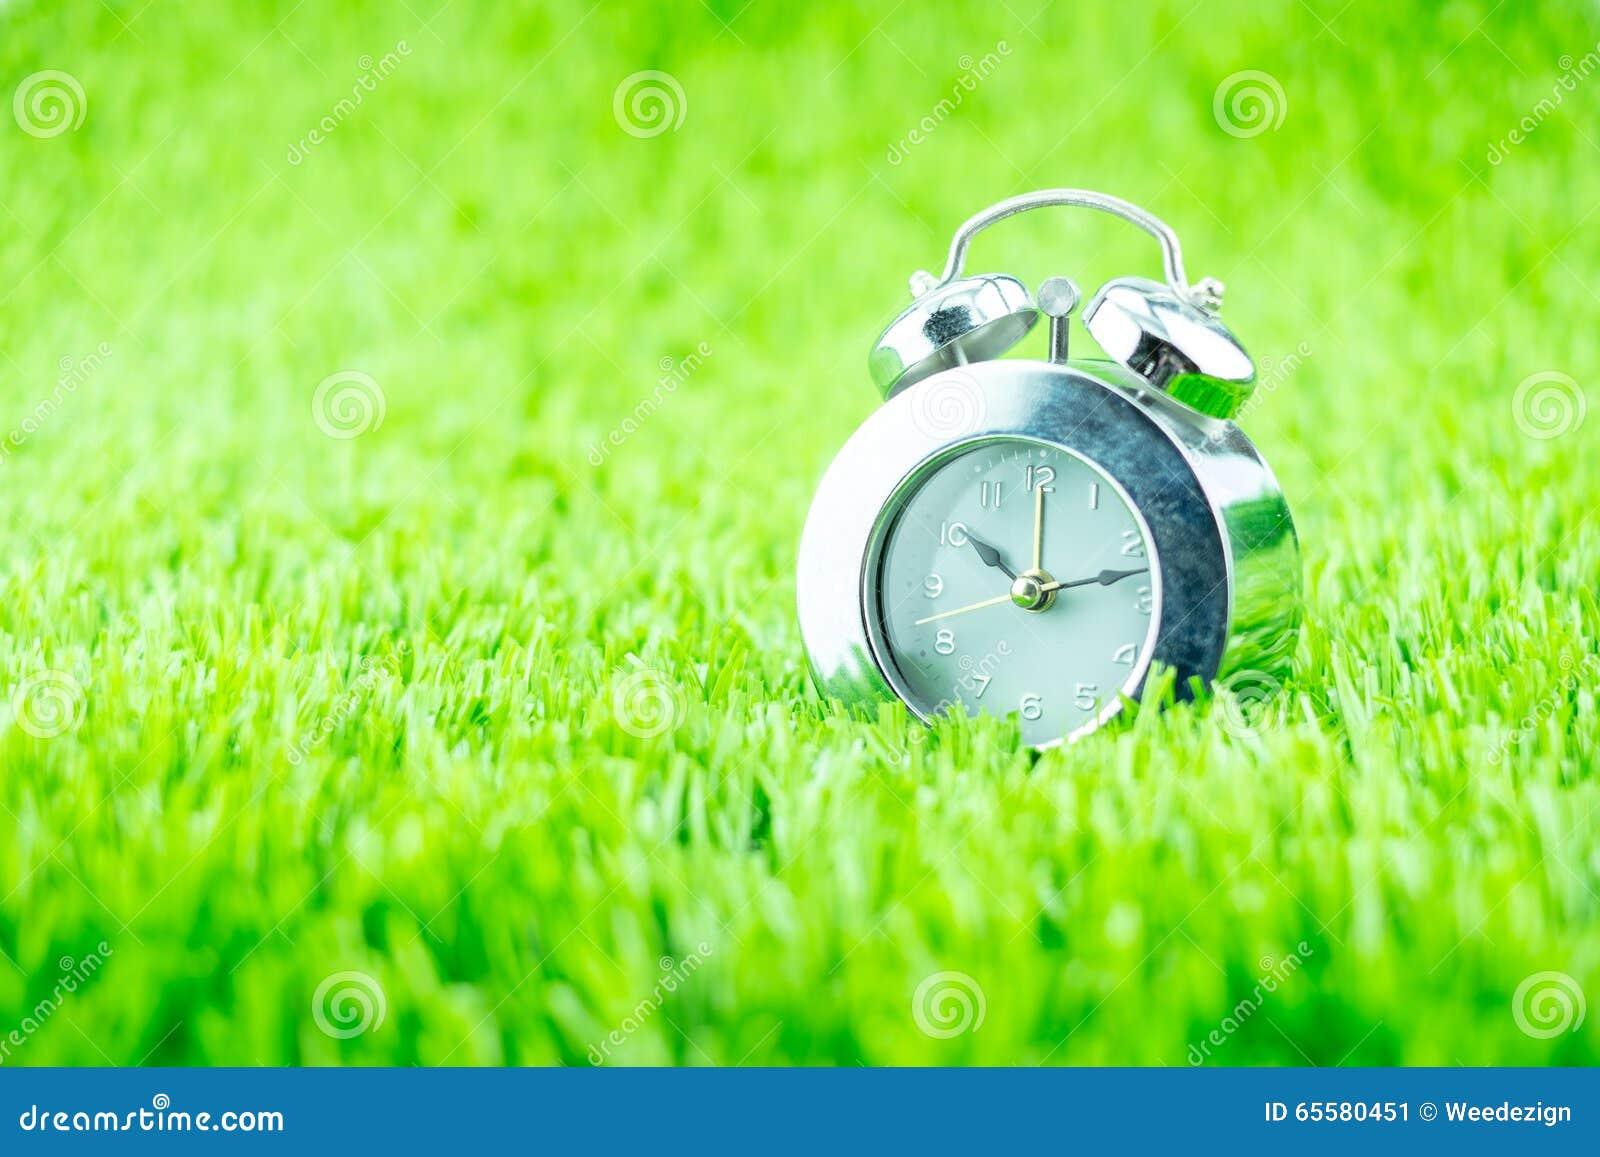 Despertador de prata na grama verde